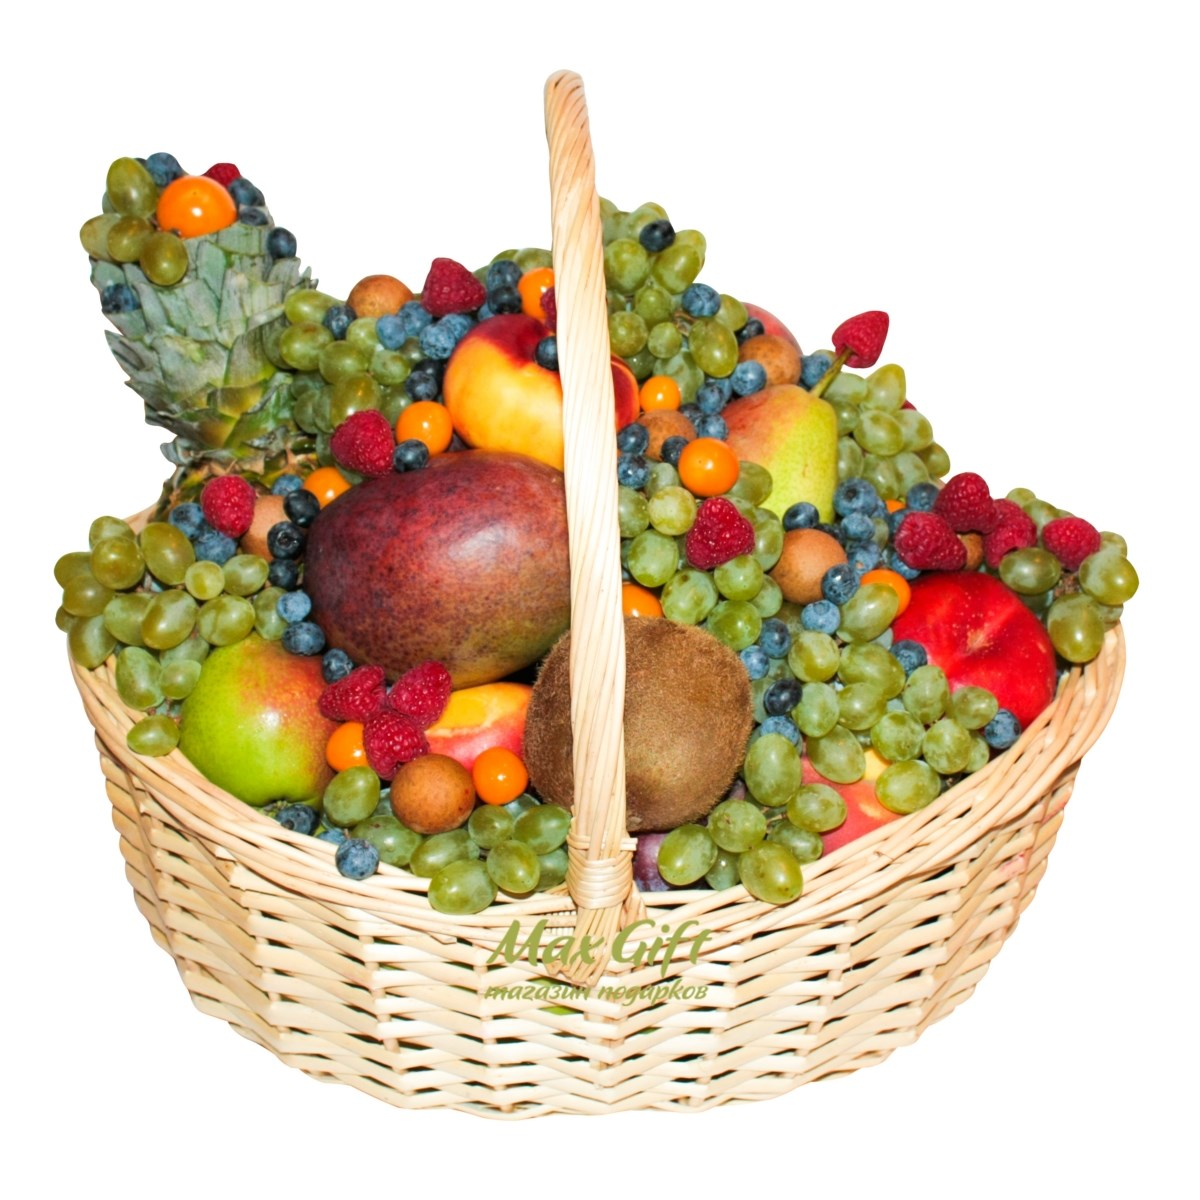 Букеты Фрутто - интернет магазин фруктовых букетов 82